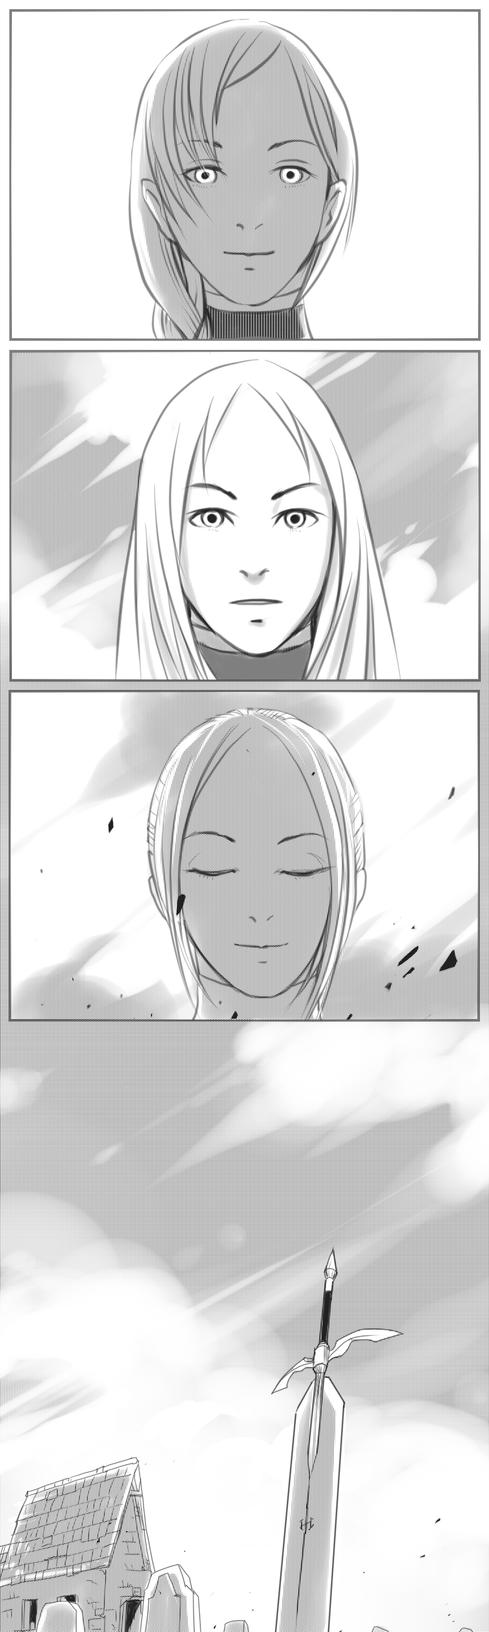 finale by Anjian